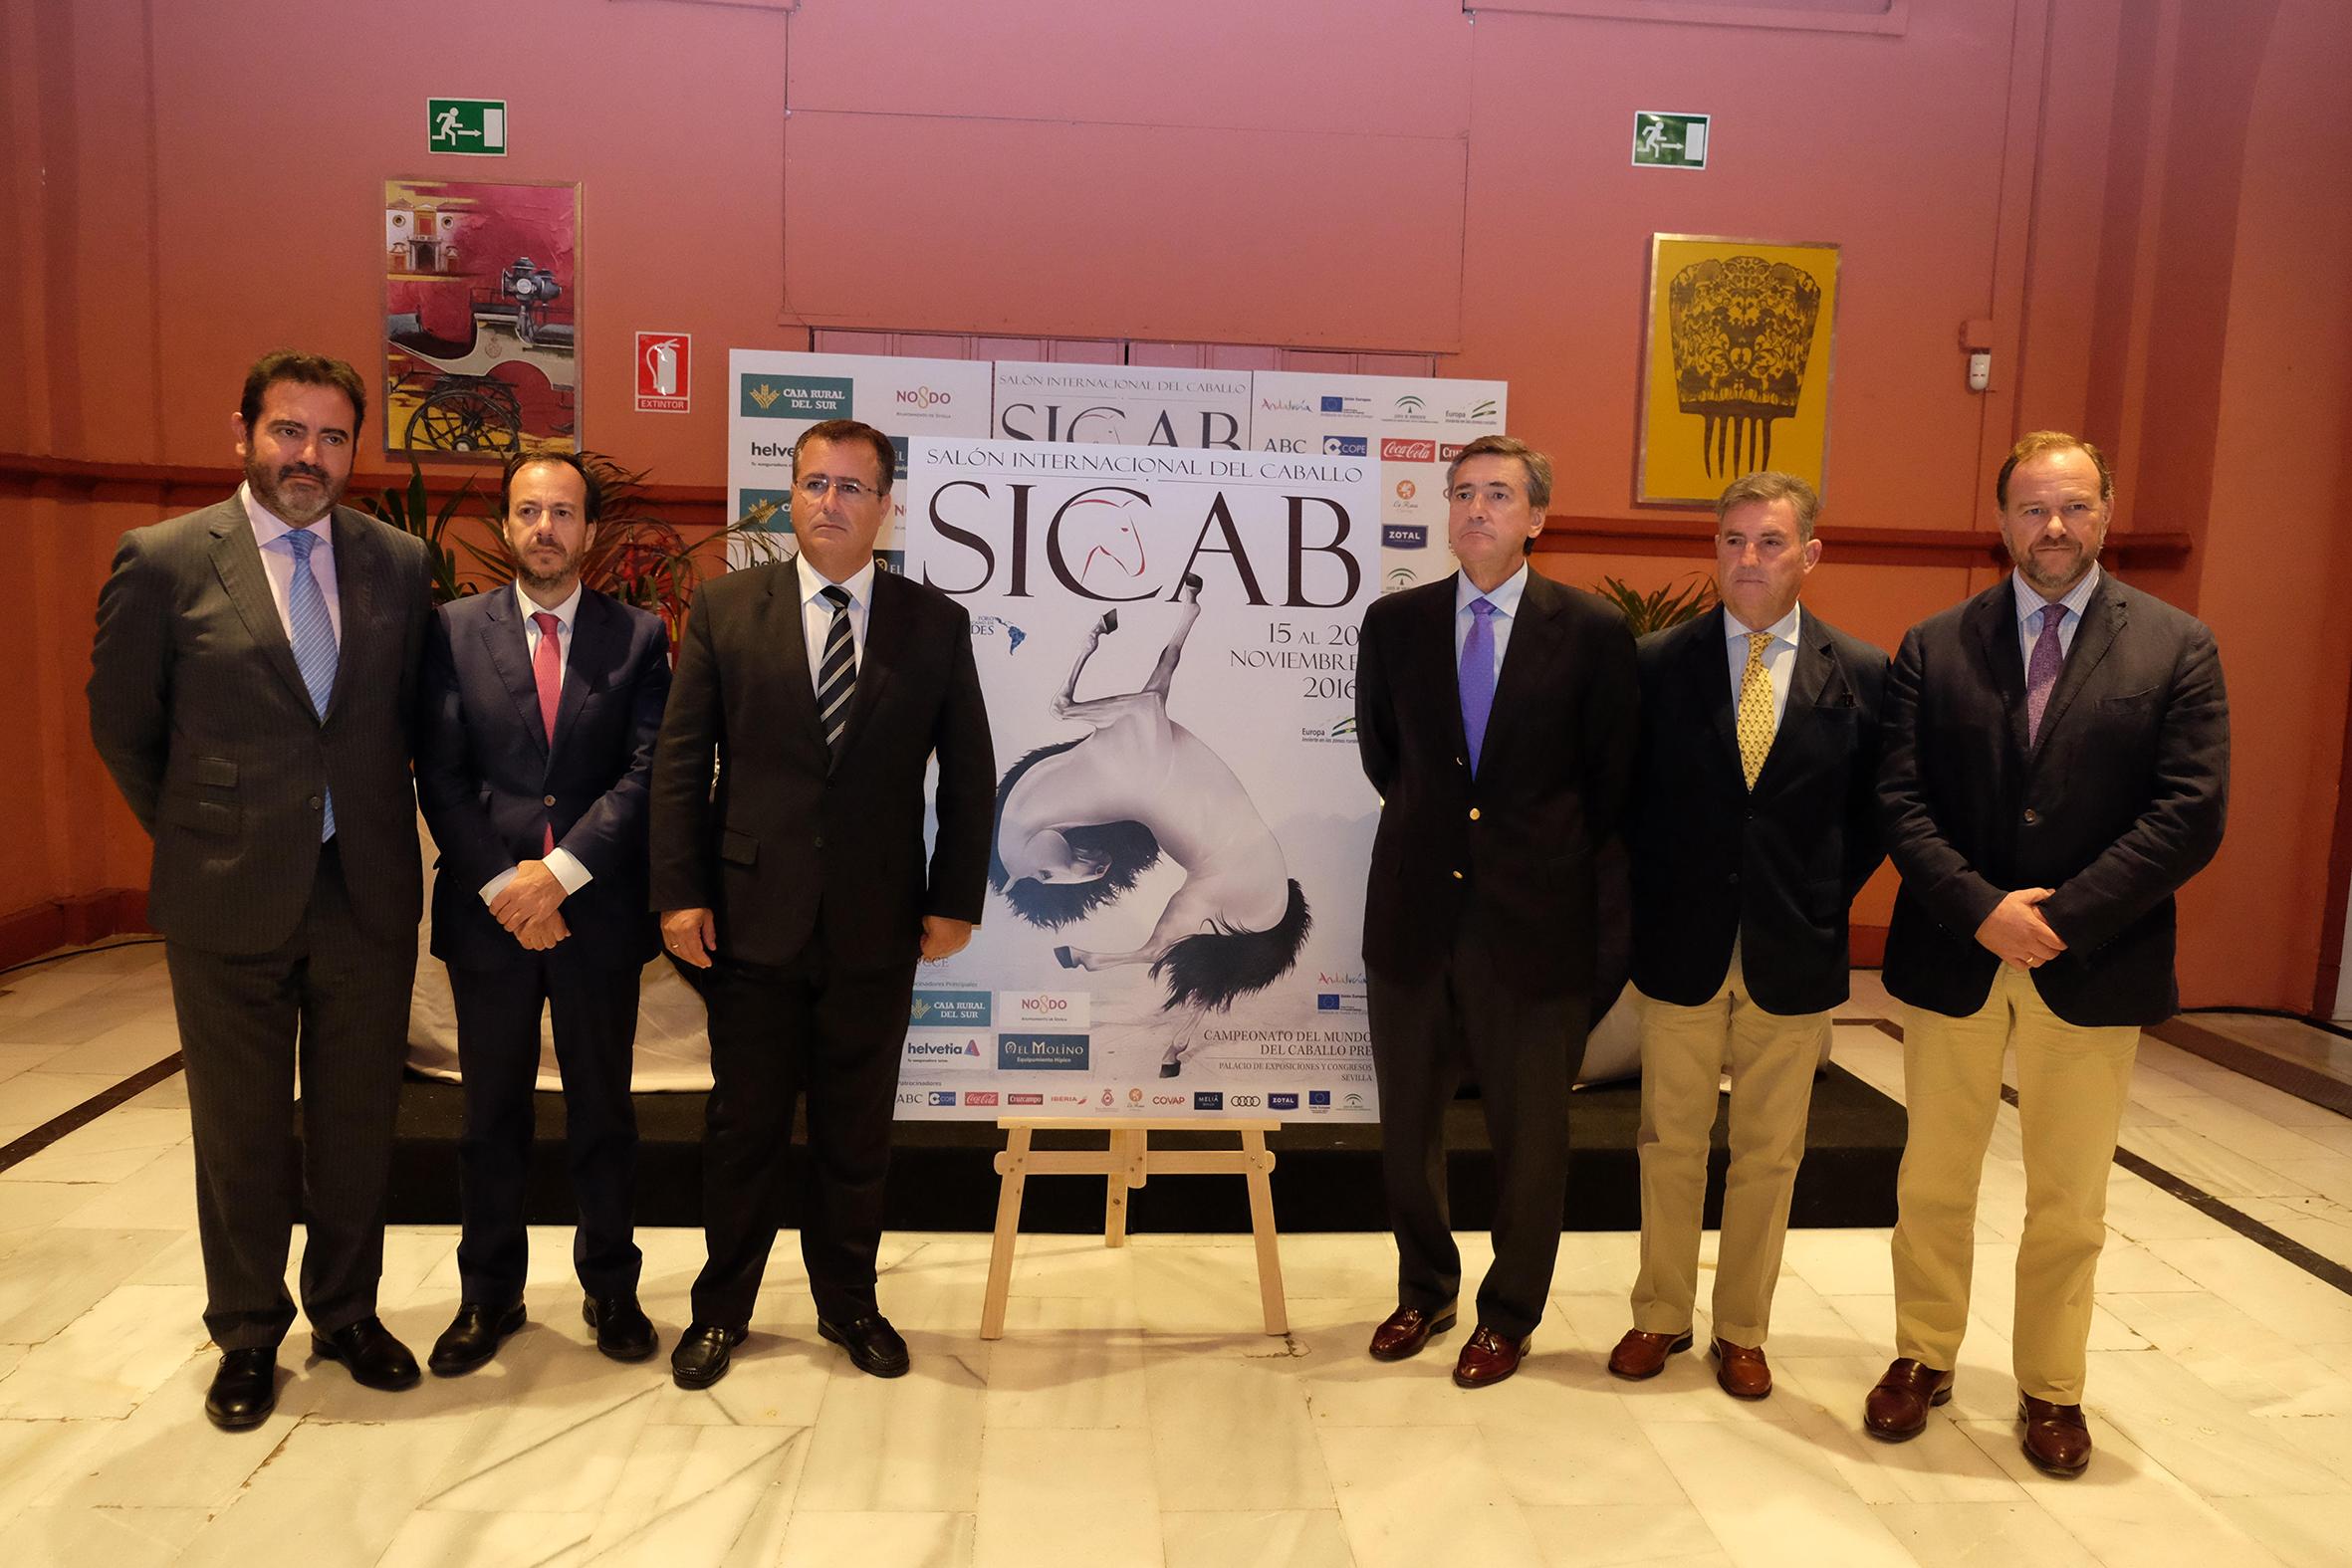 Jesús Rojas (director general de FIBES), Rafael Olveras (director de Producción Agrícola y Ganadera), Juan Carlos Cabrera (Ayuntamiento) - Juan Tirado (presidente de ANCCE) y José Luis García- Palacios (consejero de Caja Rural del Sur)